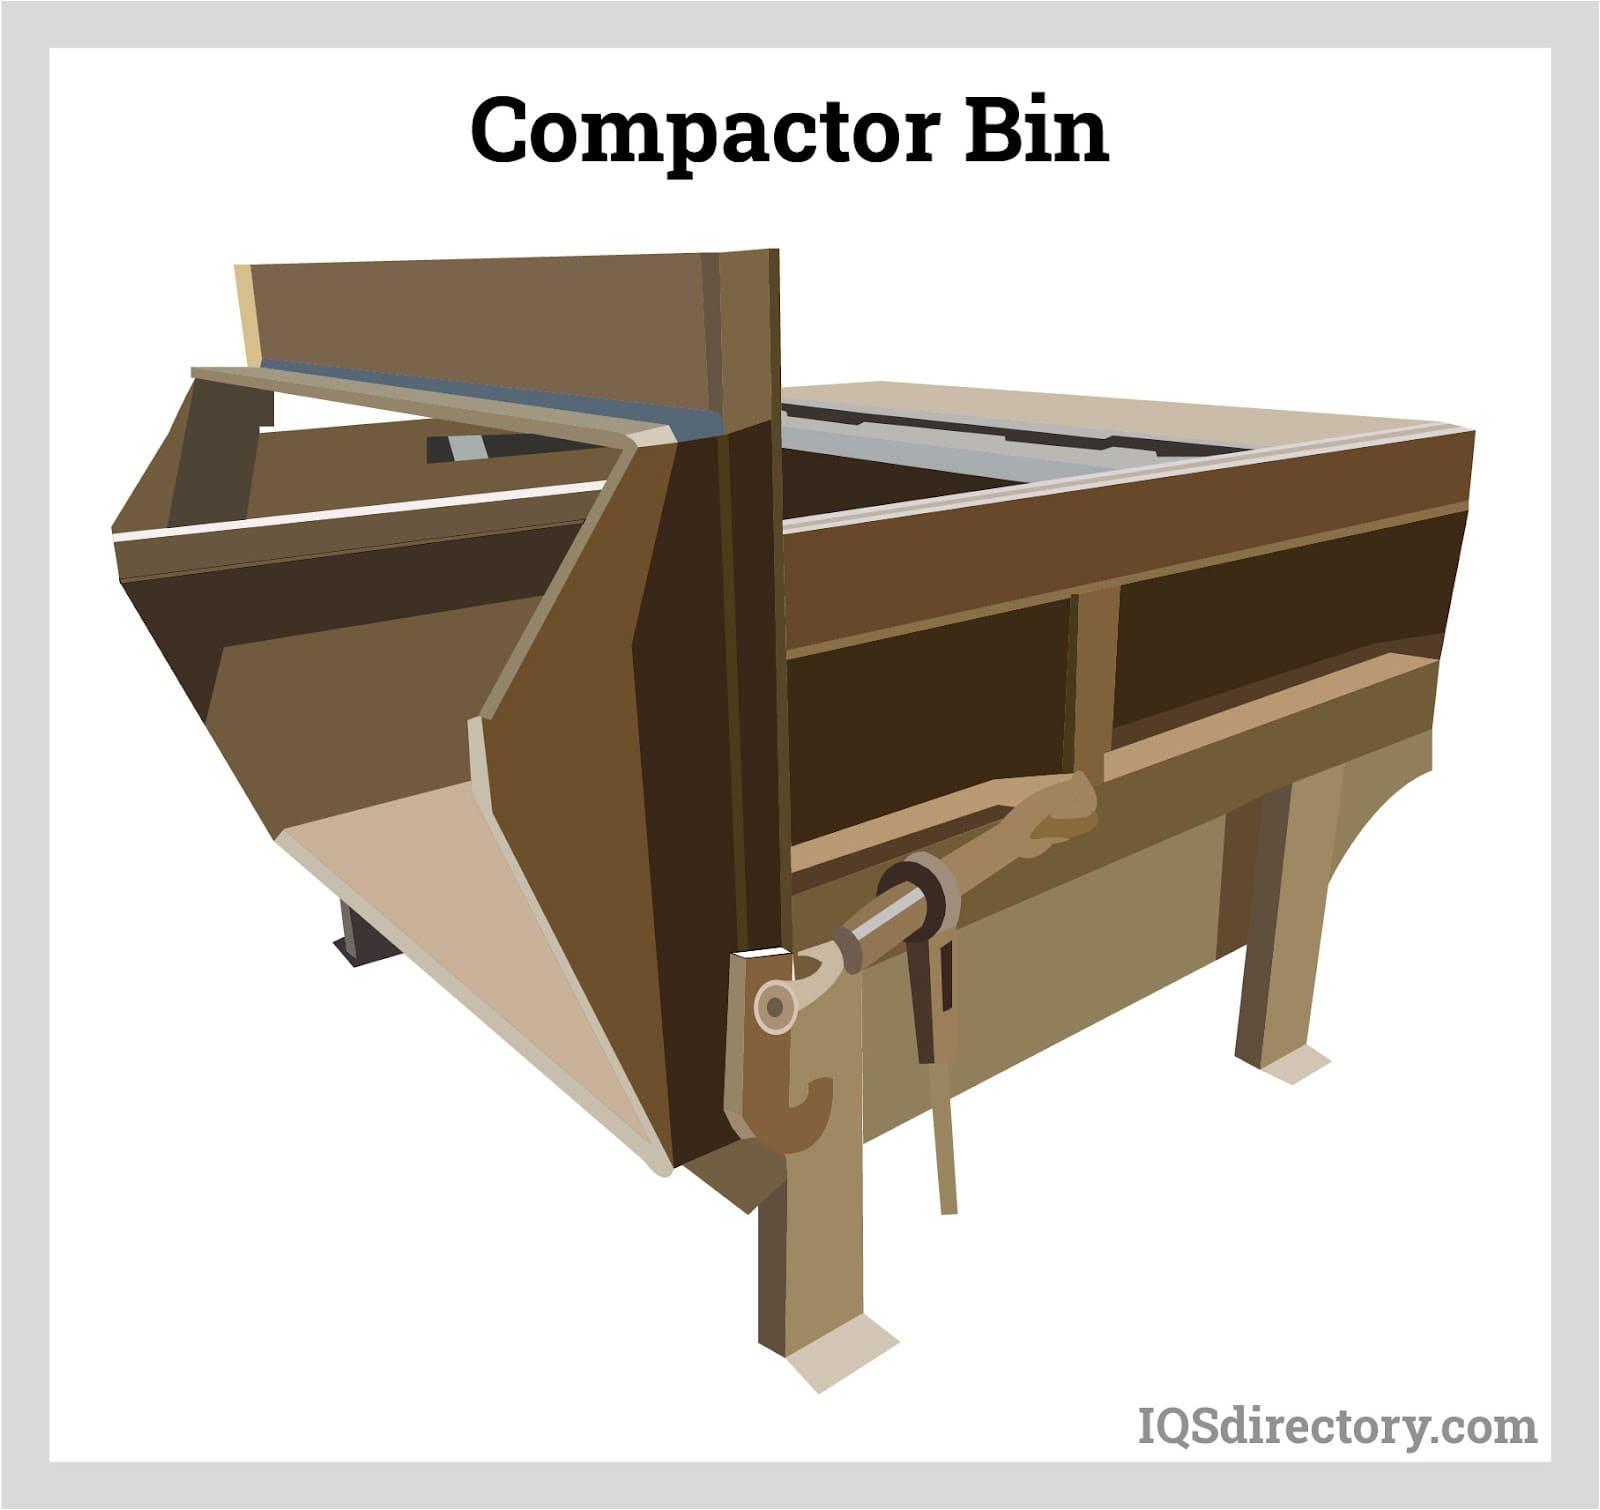 Compactor Bin